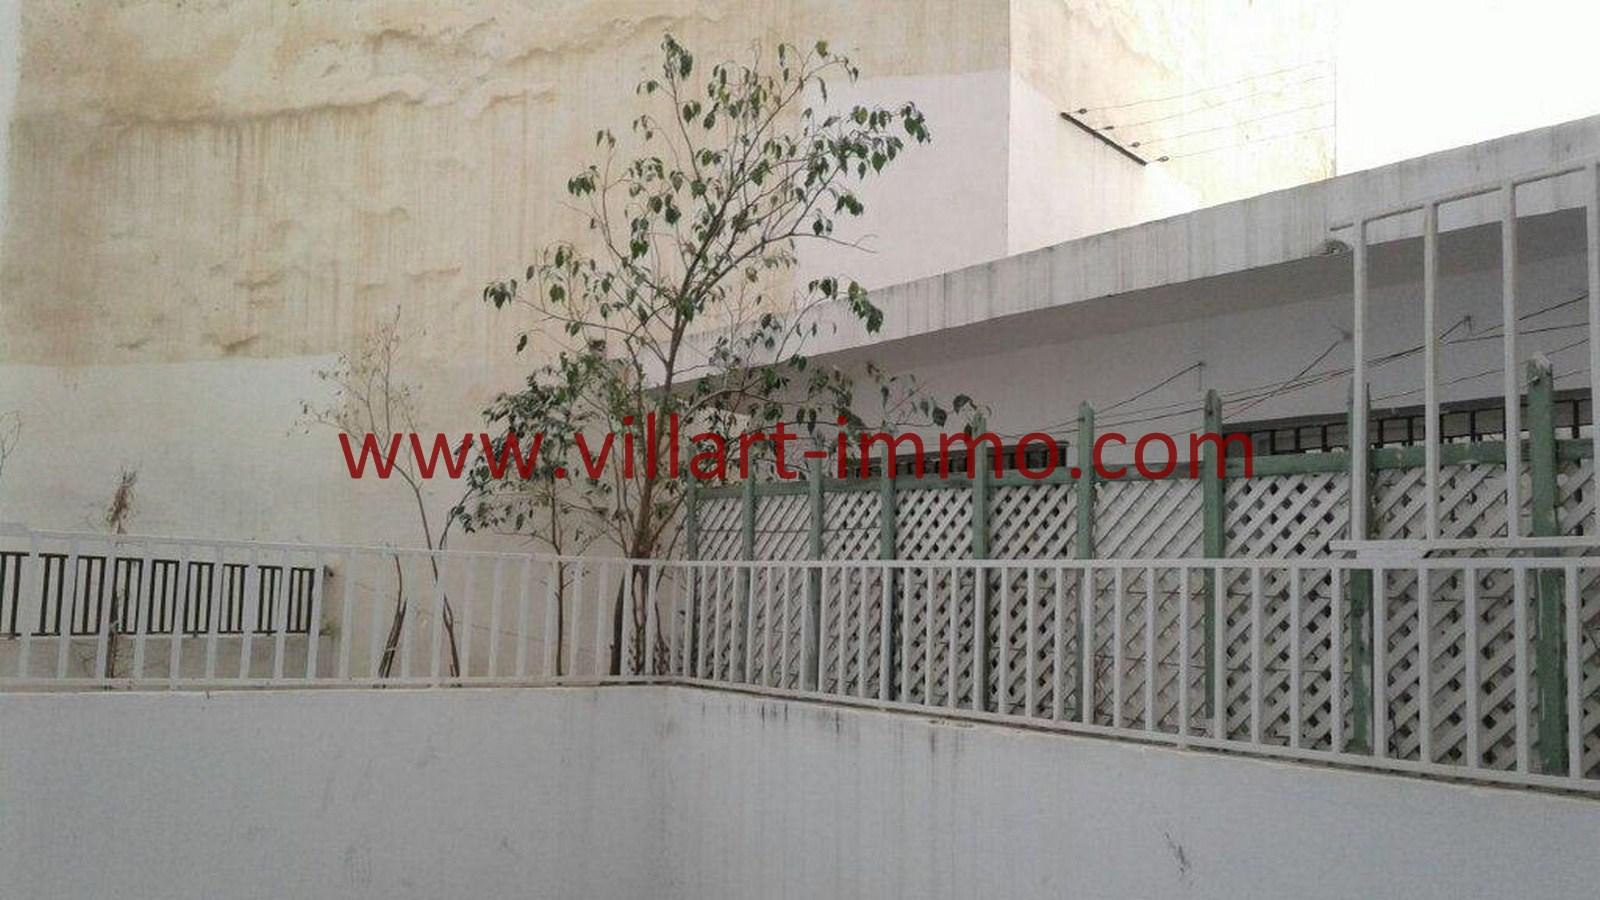 4-Vente-Bureau-Tanger-Centre-Ville-Cour 2-VLC515-Villart Immo